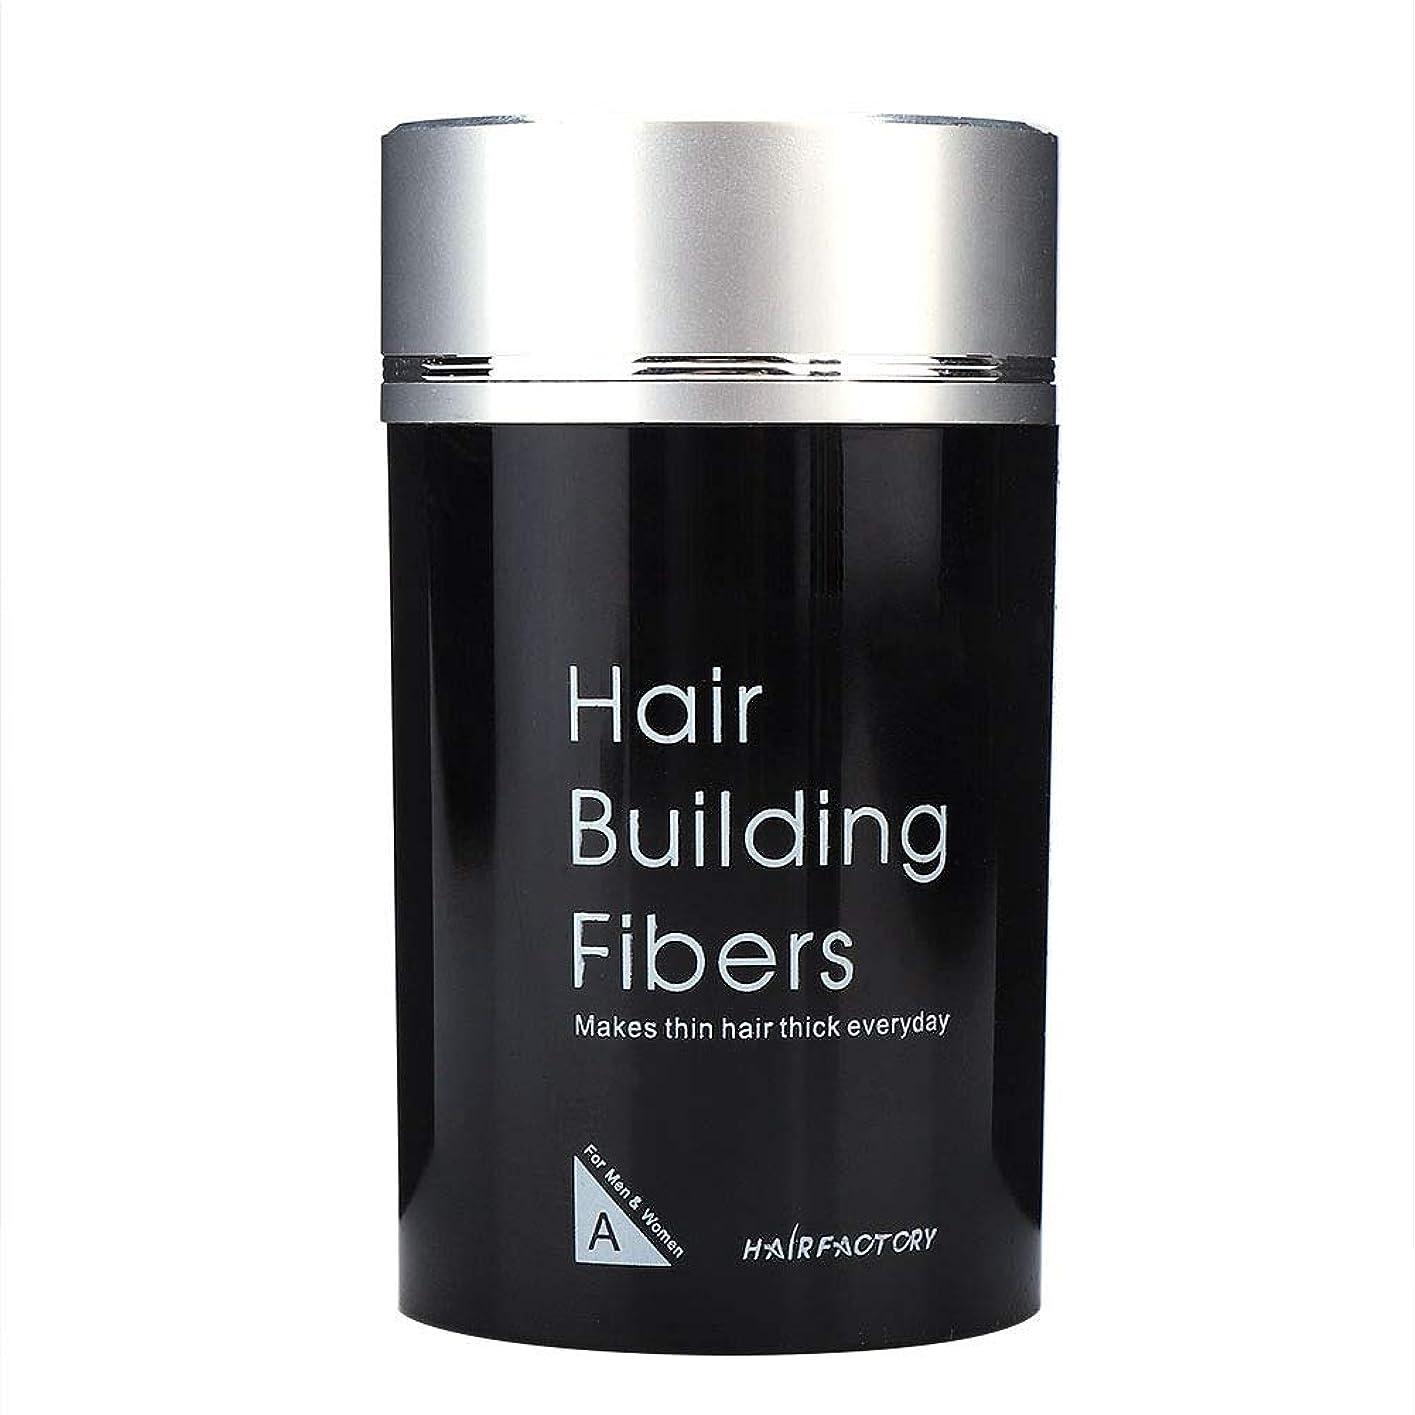 ピースチョコレートふけるヘアービルディングファイバー、ヘアーシックナー抜け毛対策コンシーラーヘアーフラー高密度ツール(ブラック/ダークブラウン)(ダークブラウン)